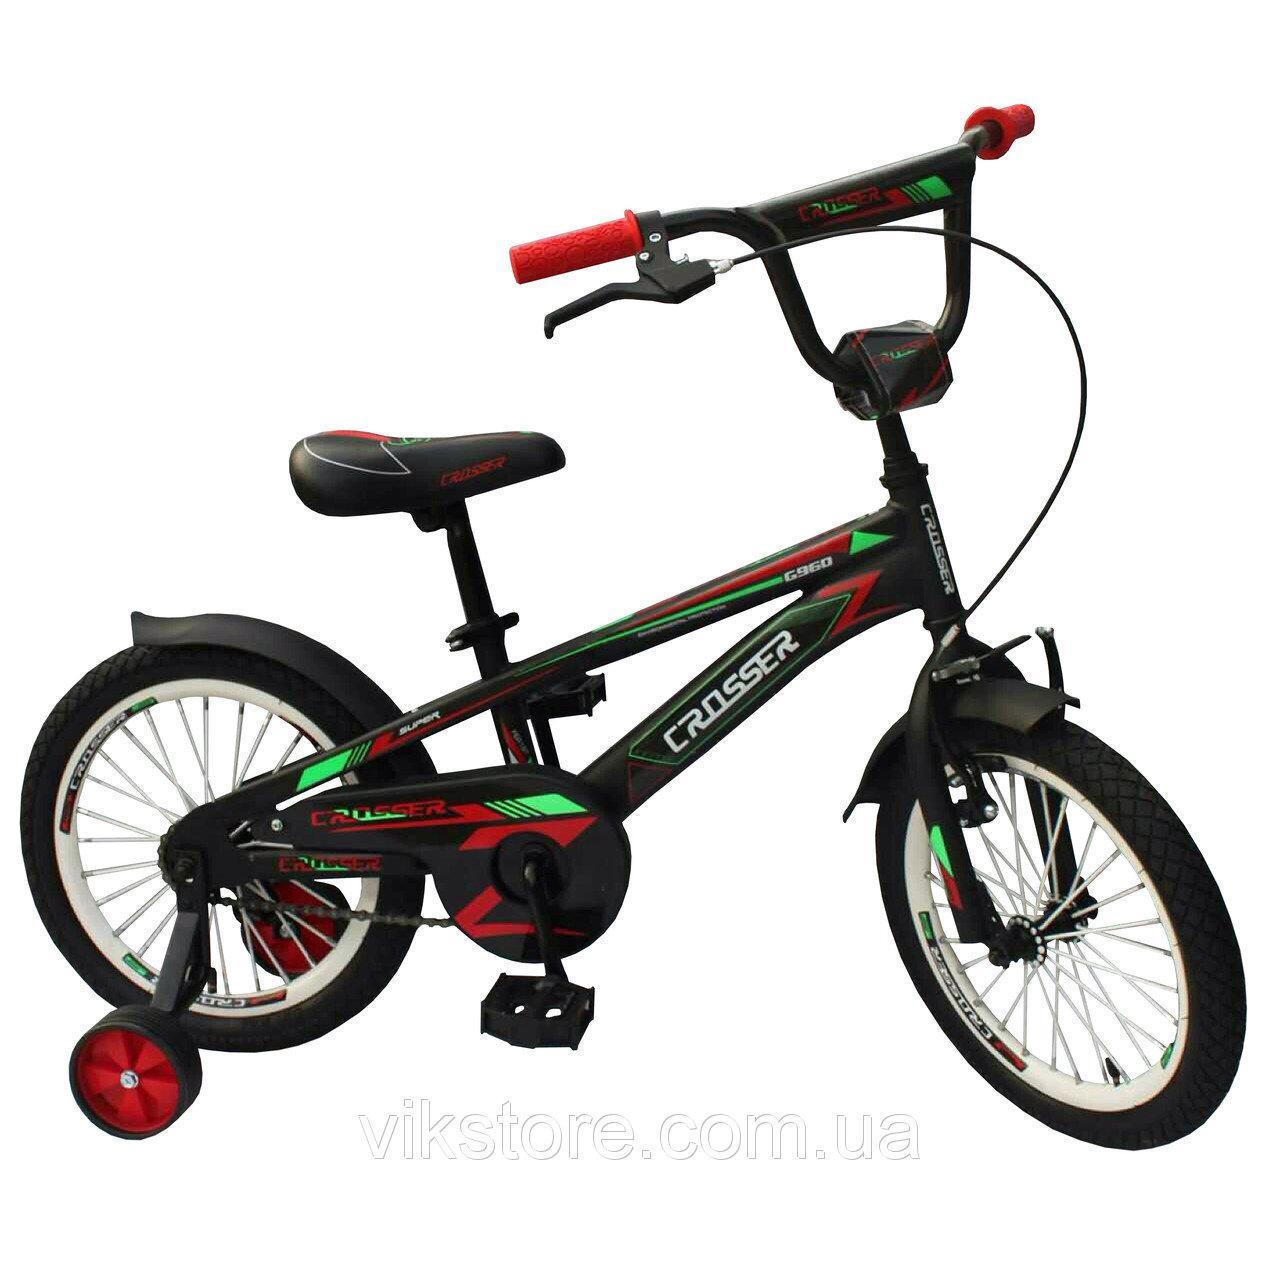 """Детский велосипед CROSSER G 960 16""""  Черный"""